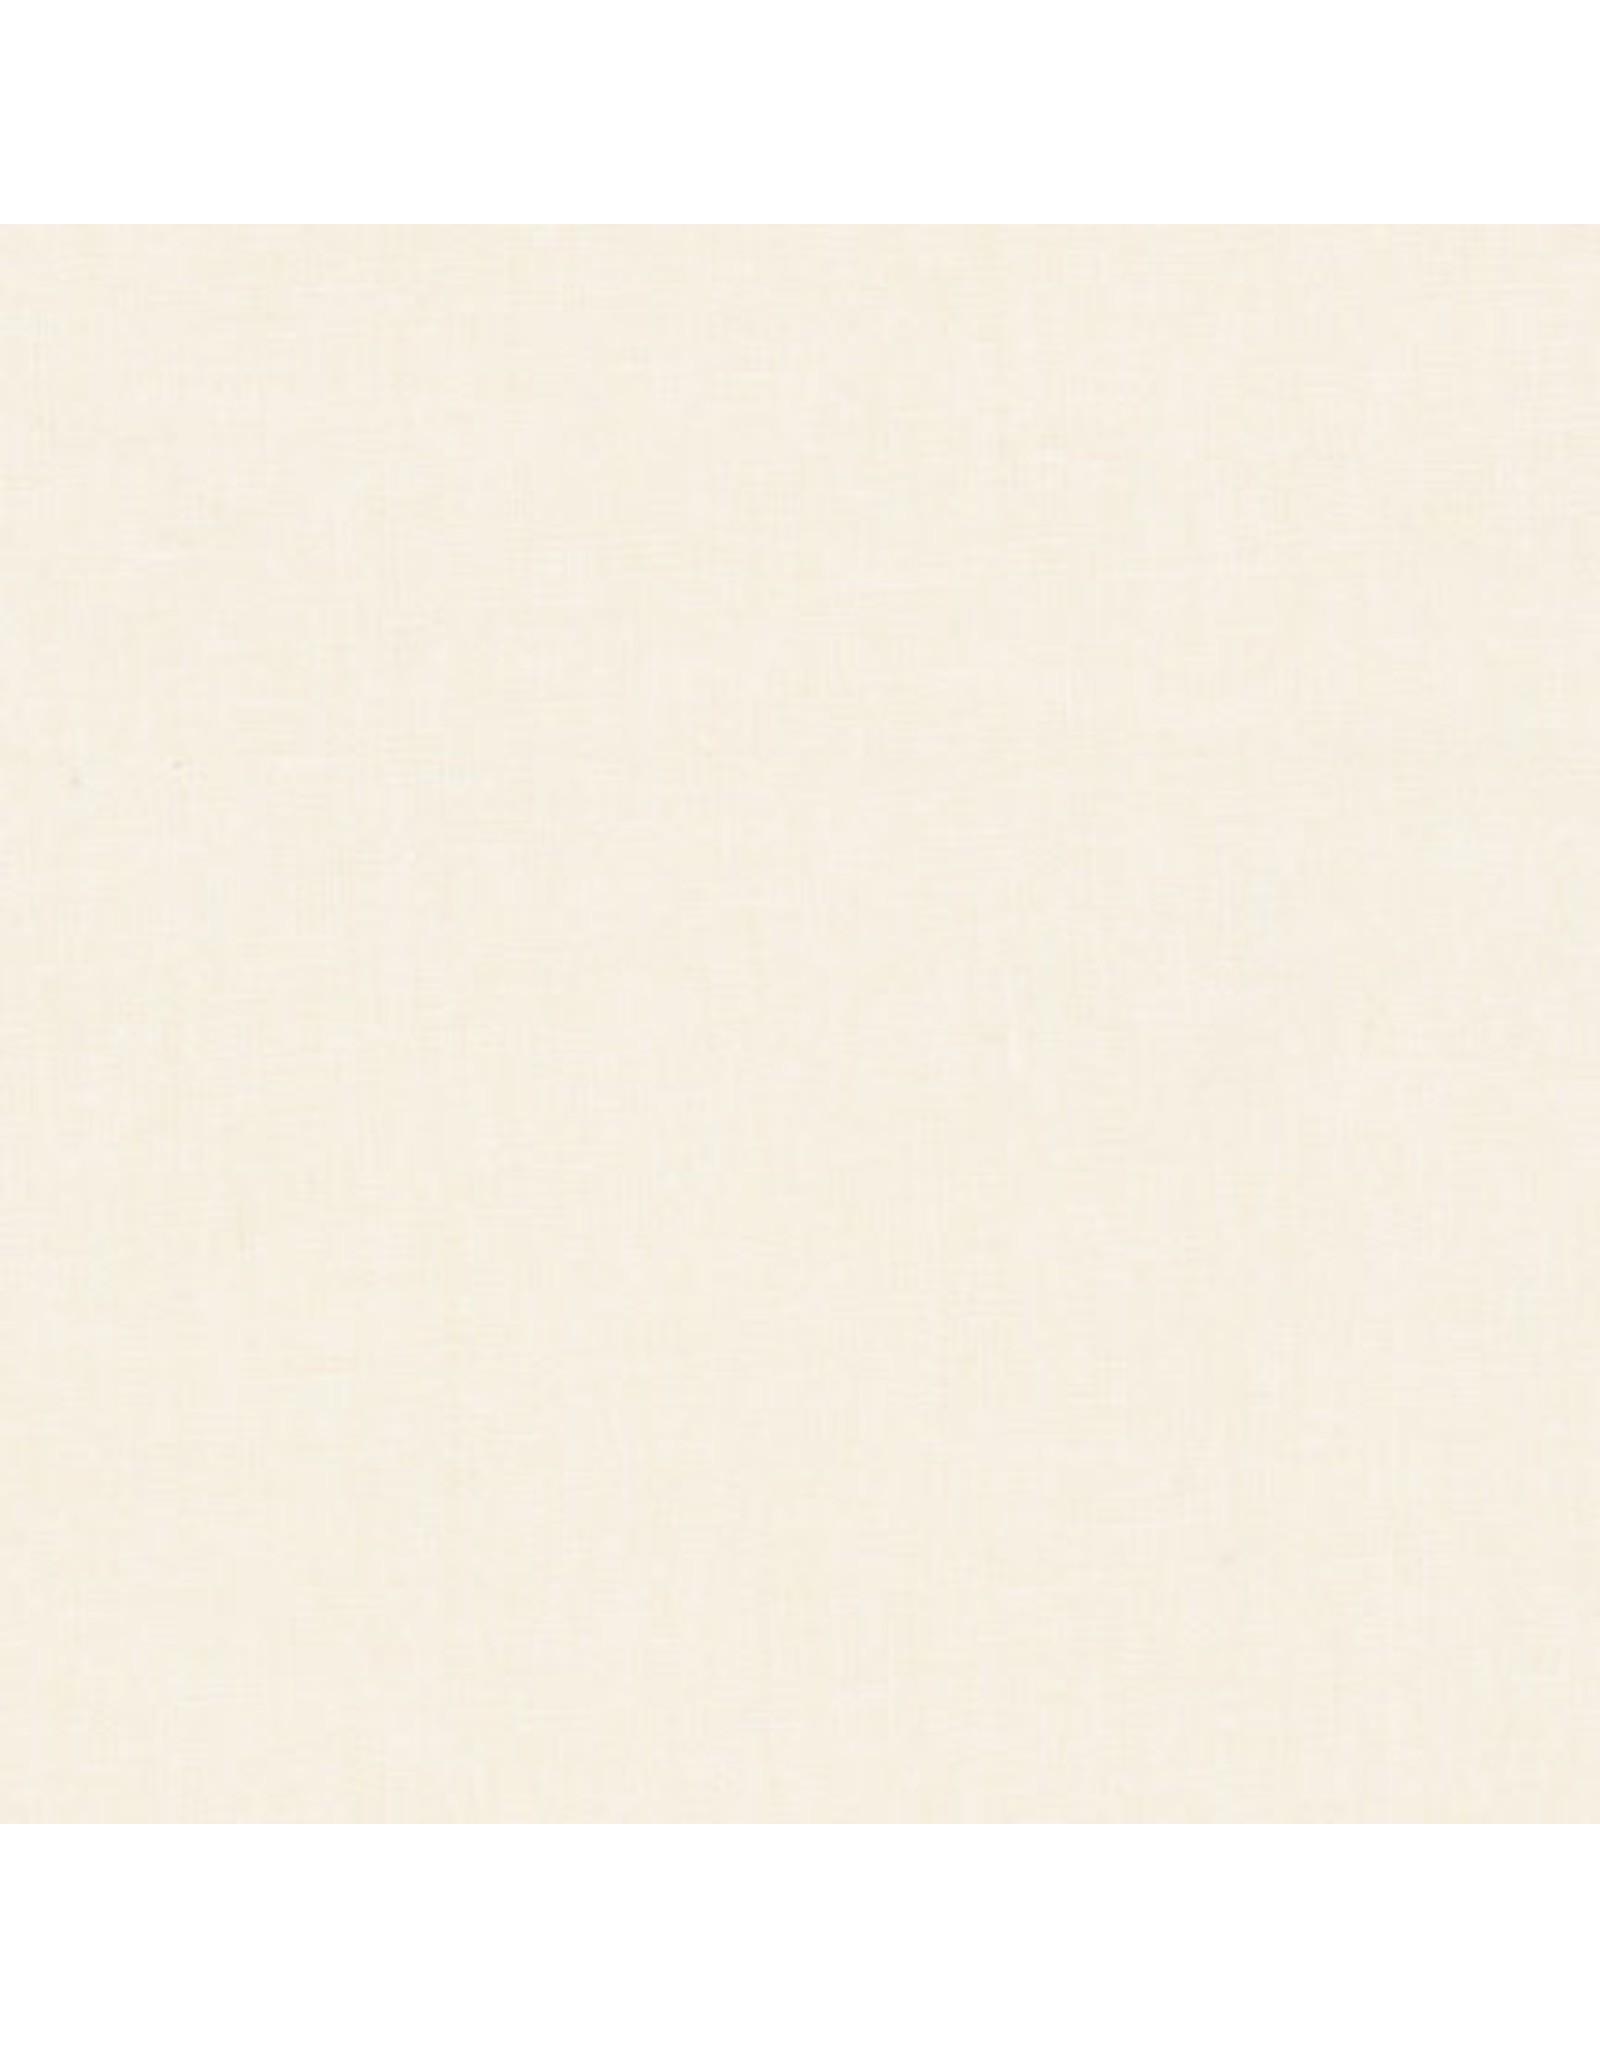 Robert Kaufman Linen, Essex in Ivory, Fabric Half-Yards